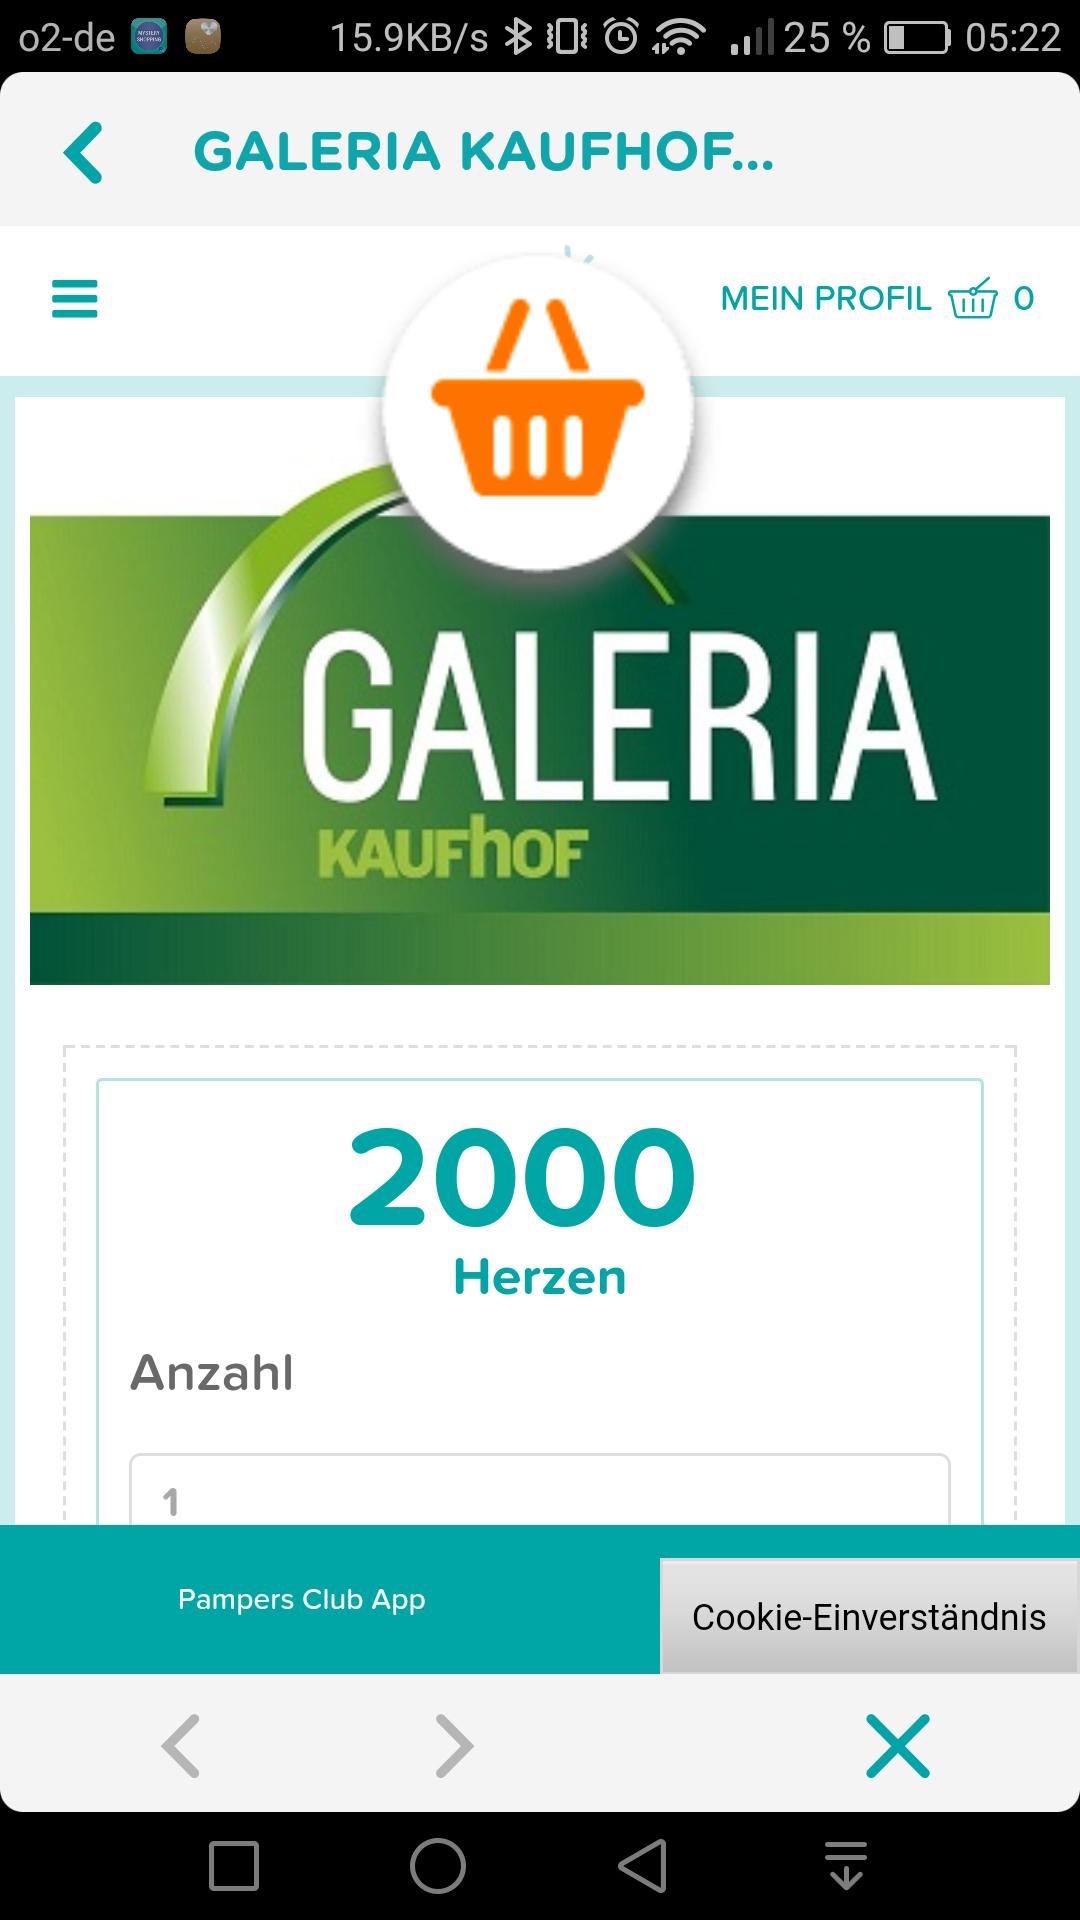 Pampers Club jetzt Punkte auch in Galleria Kaufhof Gutschein einlösen 2000 Pkte=20,-Euro